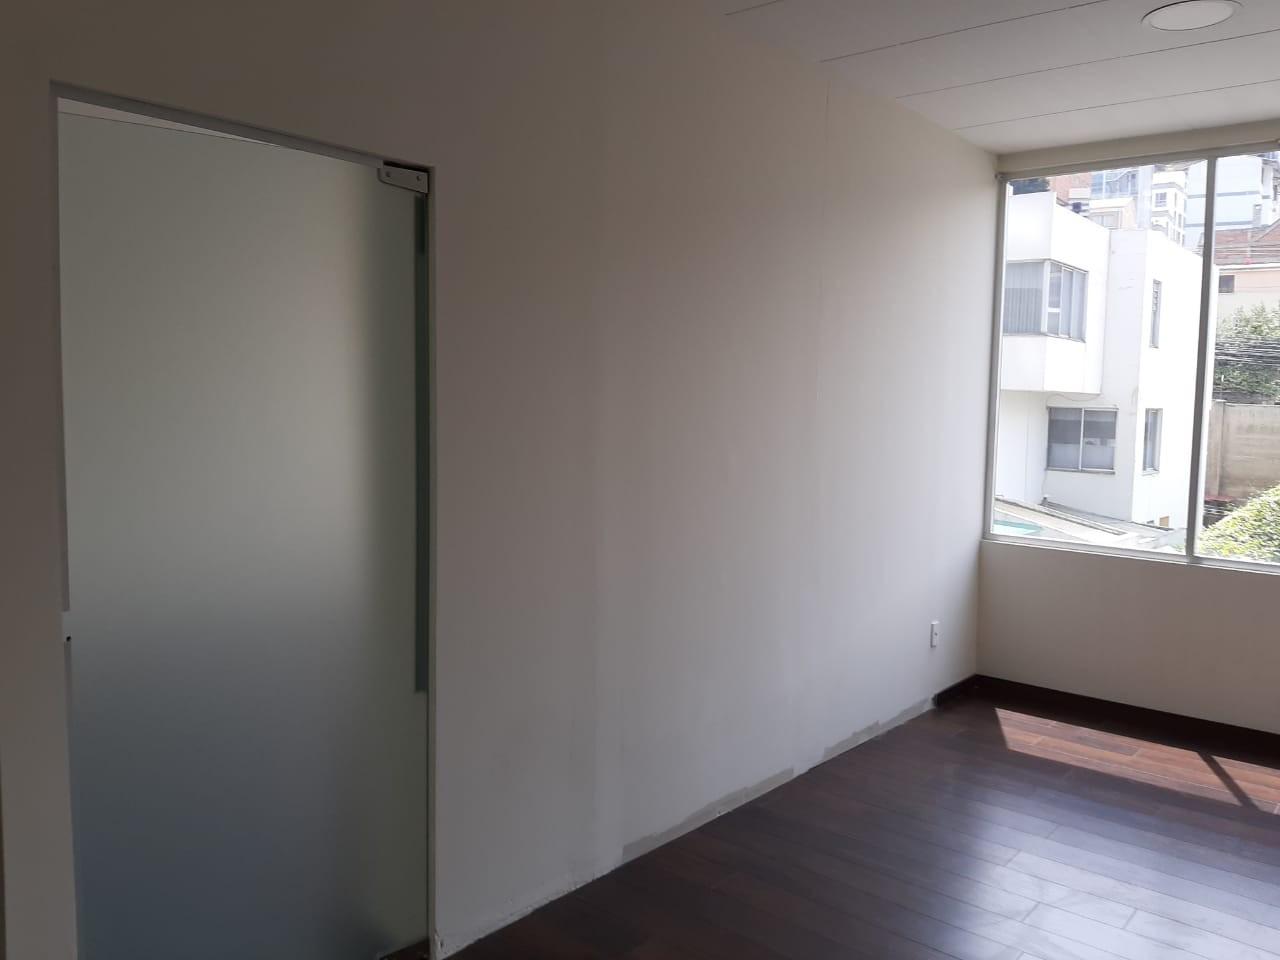 Oficina en Alquiler Av. Hernando Siles, entre la calle 3 y 4.  Edificio Titanium Piso 4. Foto 2